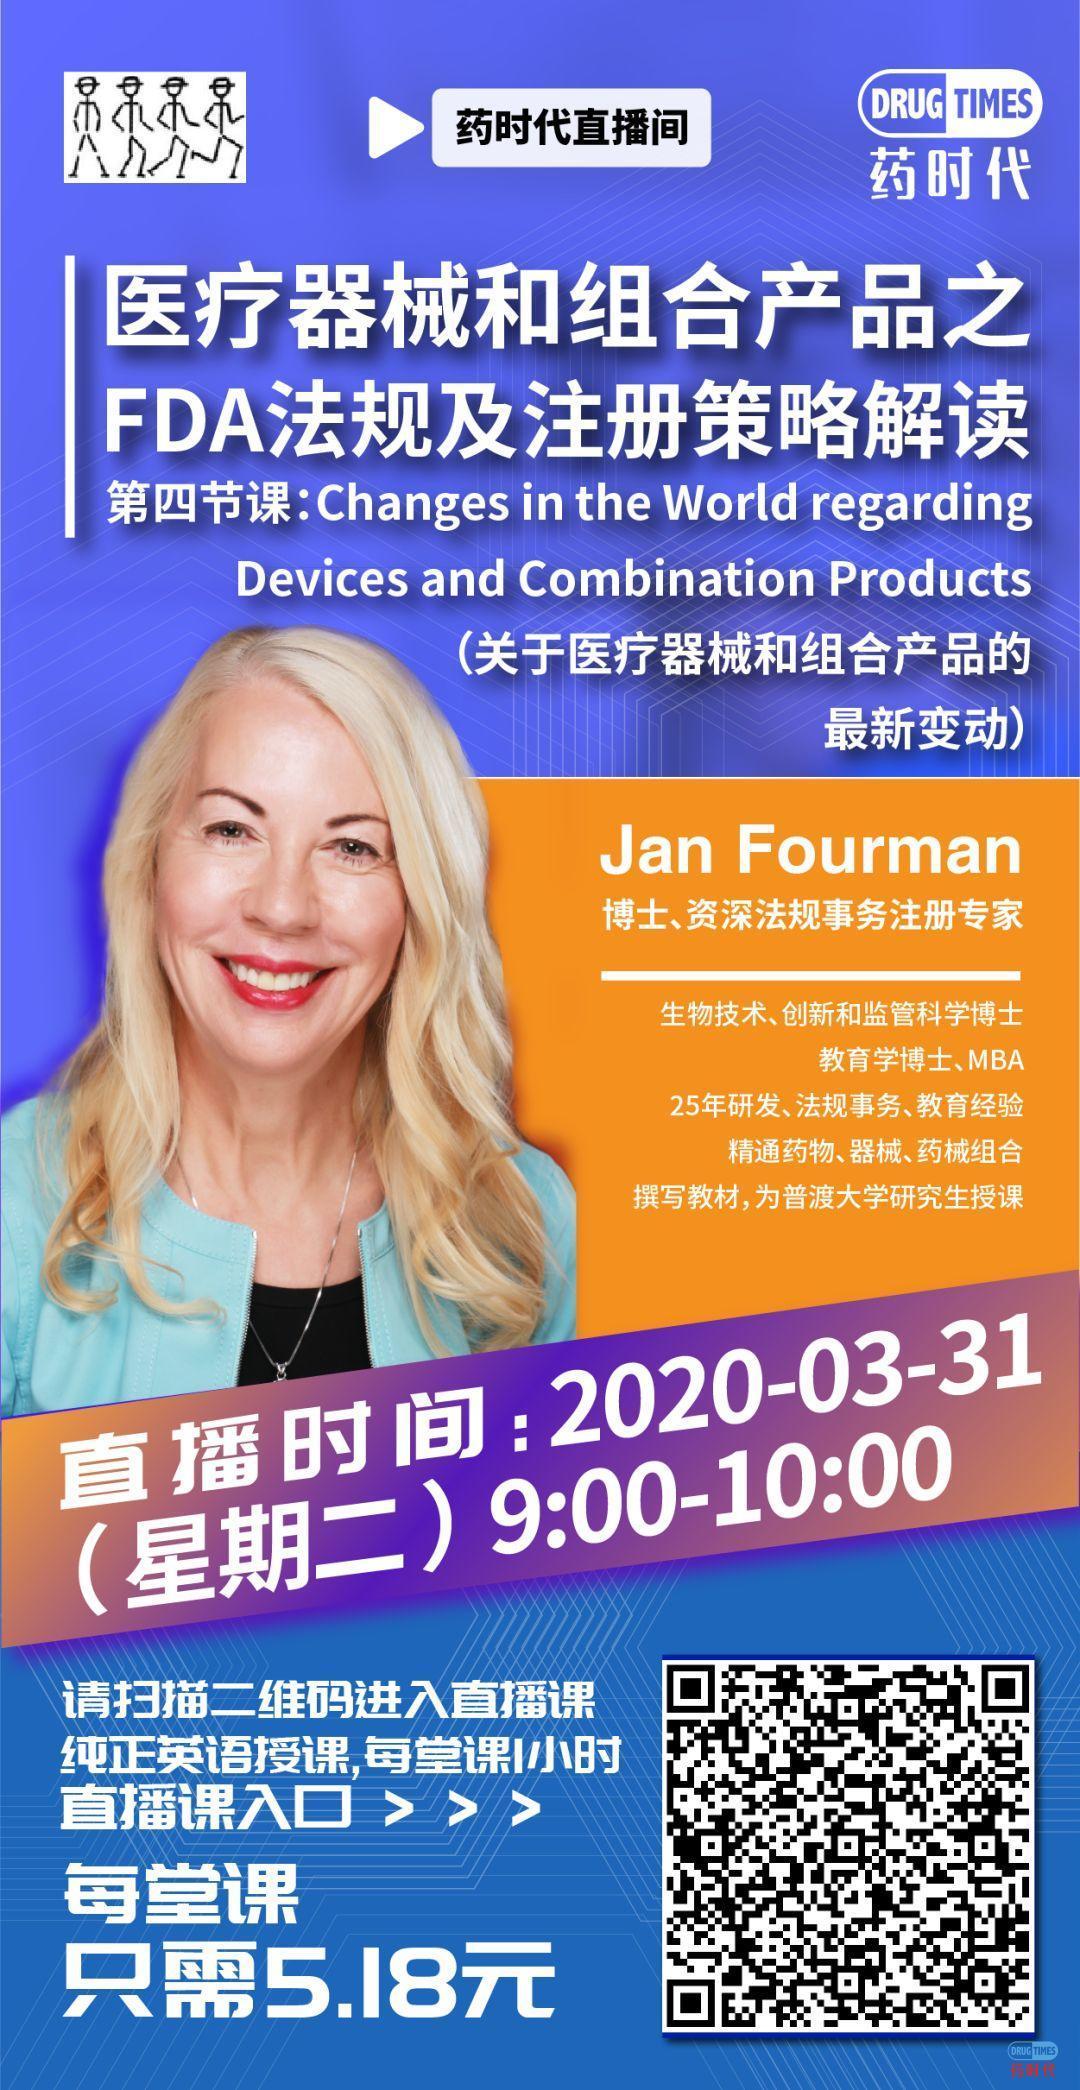 药时代直播间023期|Jan Fourman博士:医疗器械和组合产品之FDA法规及注册策略解读—关于医疗器械和组合产品的最新变动